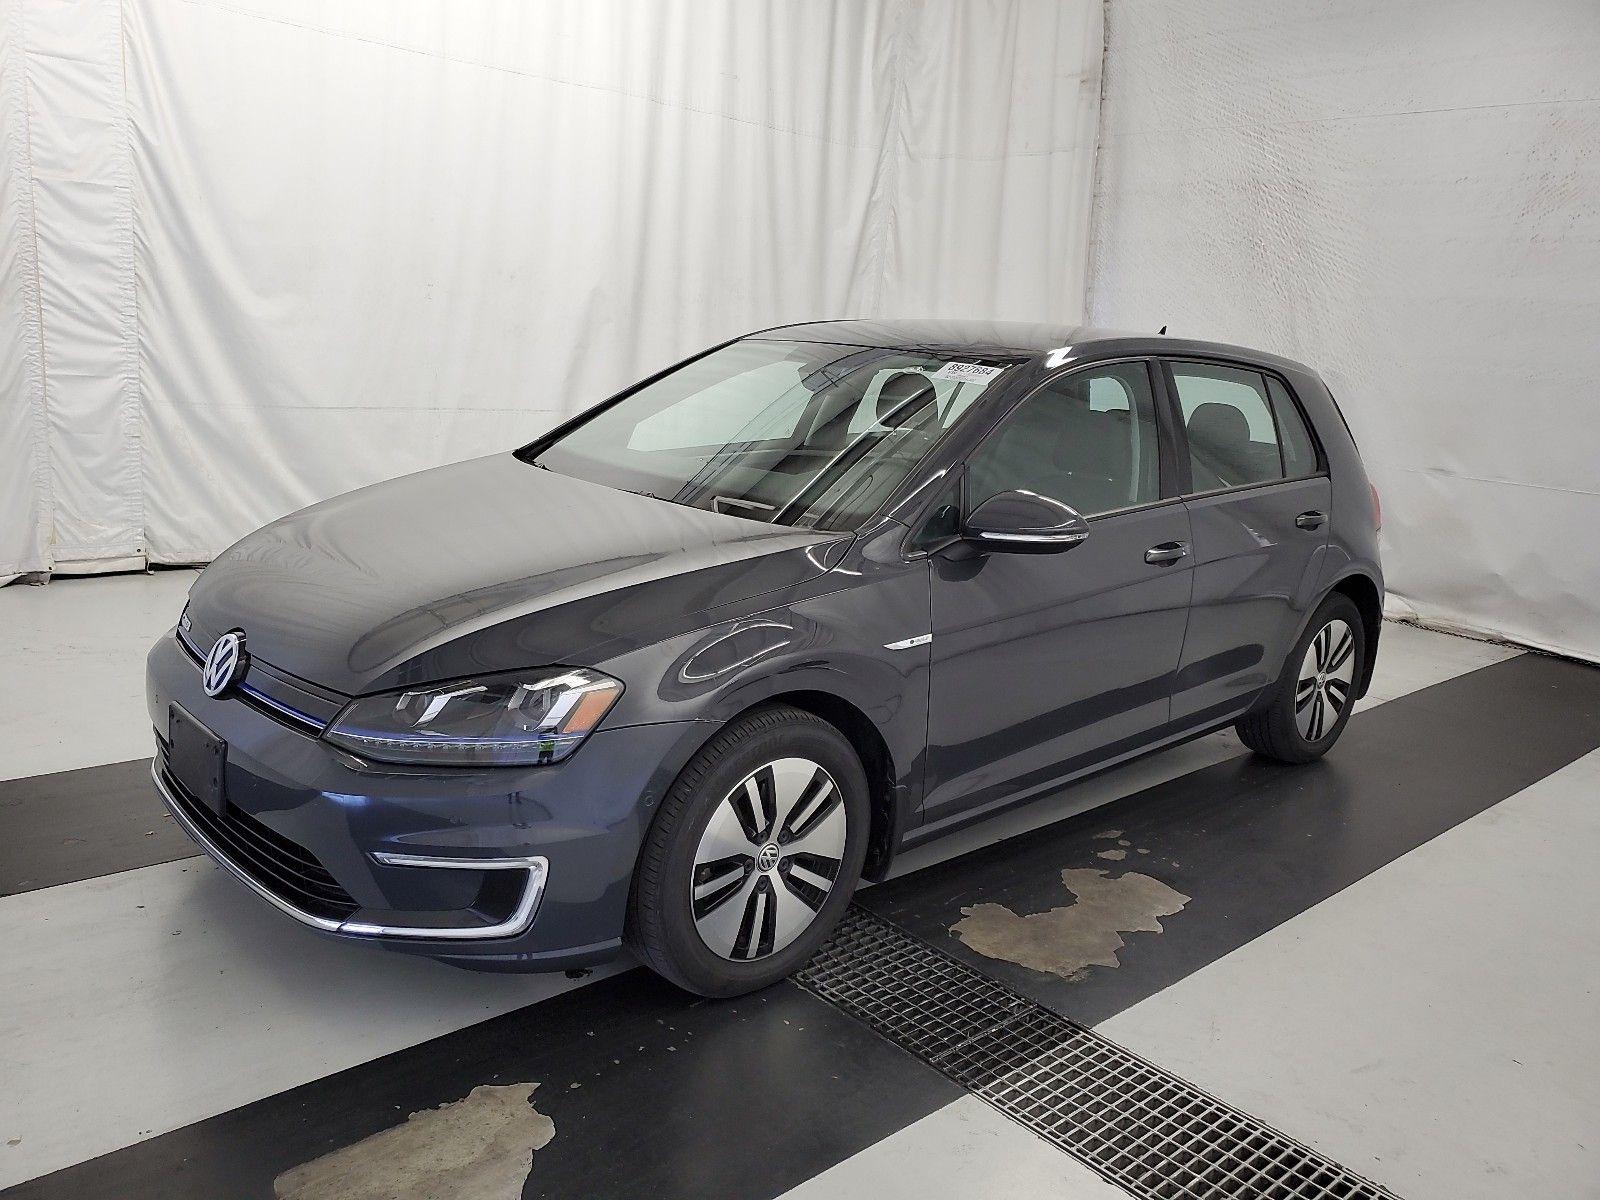 2016 Volkswagen E-golf . Lot 99913359840 Vin WVWPP7AU7GW916833